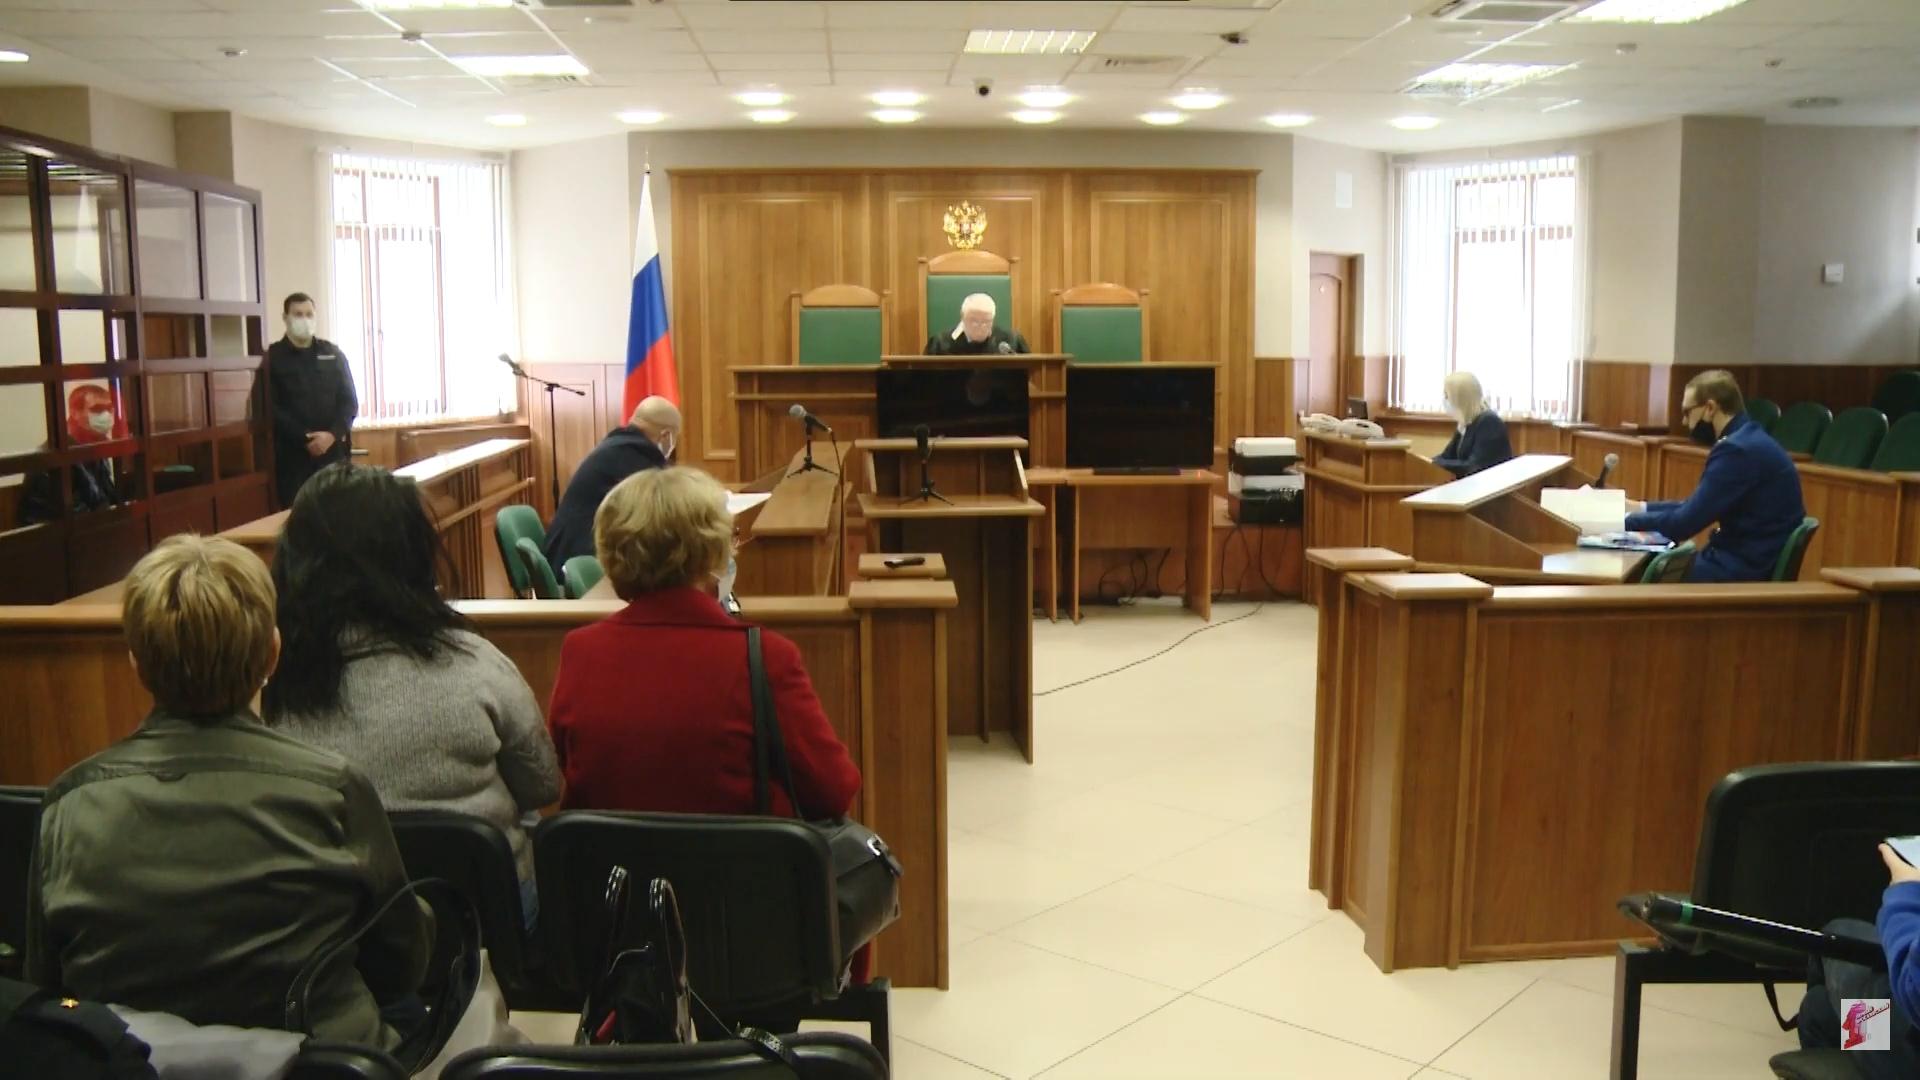 В Ярославской области начался суд по делу о пожаре в Ростове, в котором погибли пятеро детей